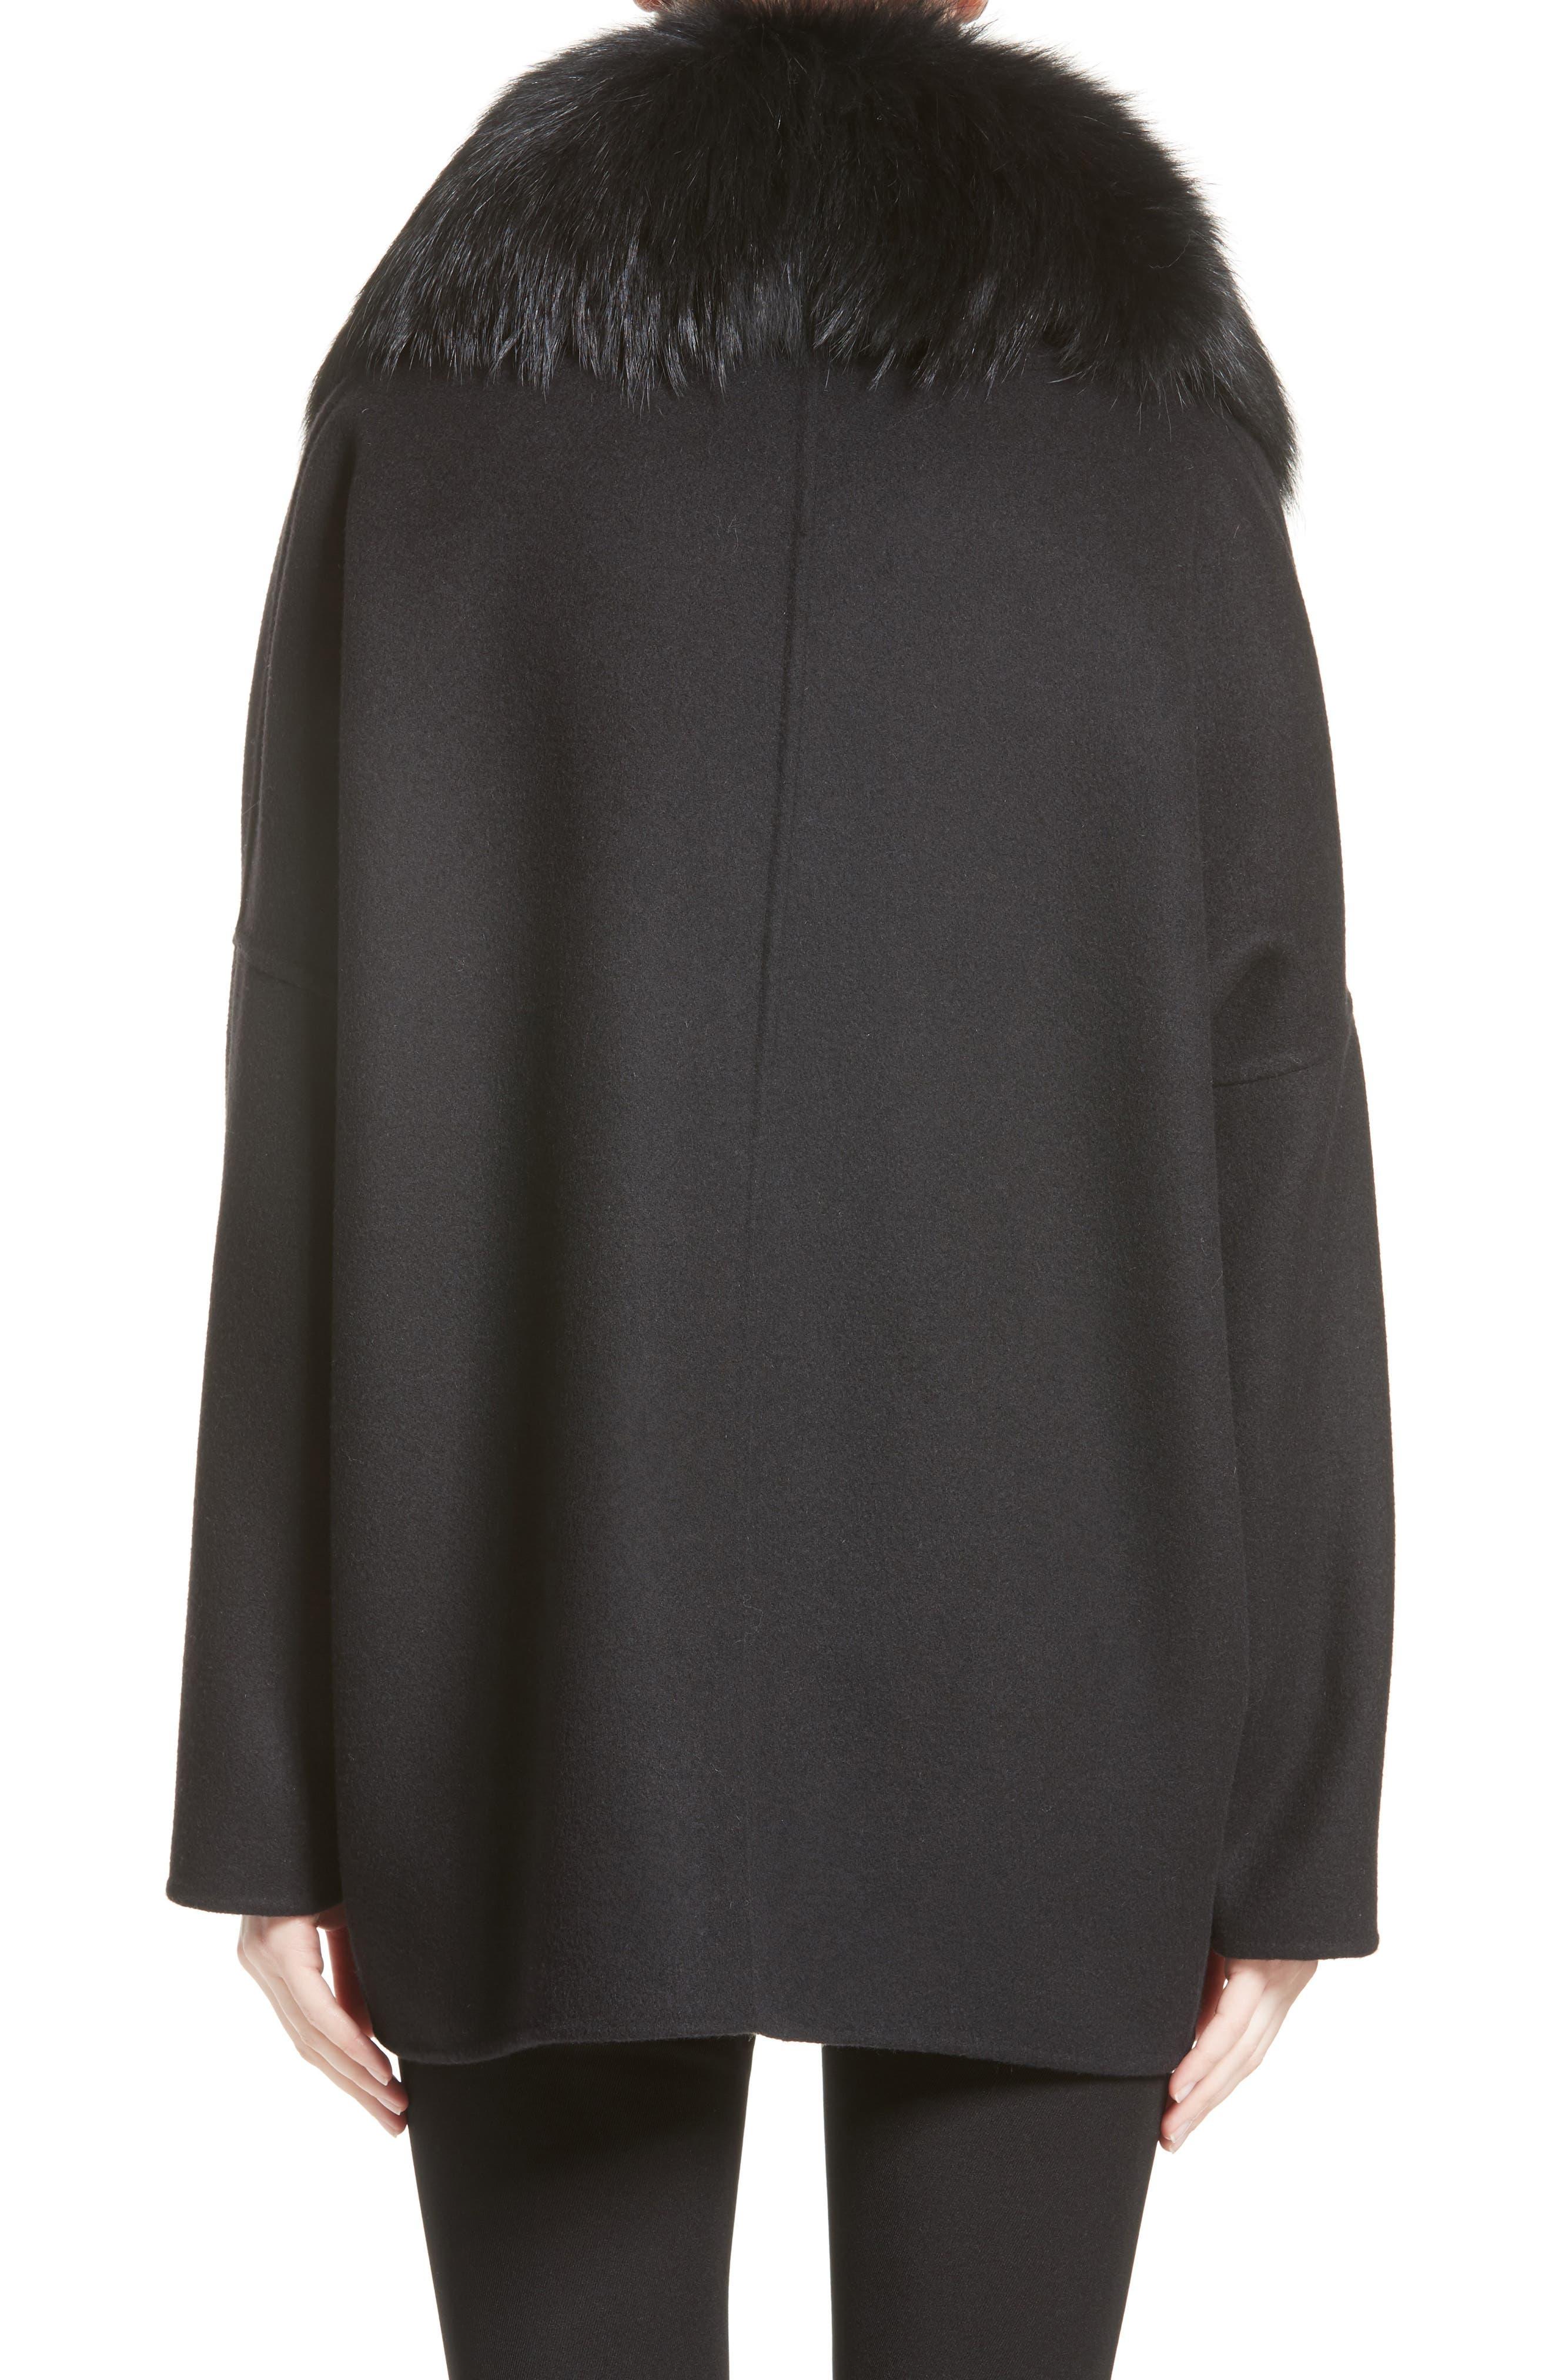 Buxus Wool & Cashmere Coat with Removable Genuine Fox Fur Trim Vest,                             Alternate thumbnail 2, color,                             001